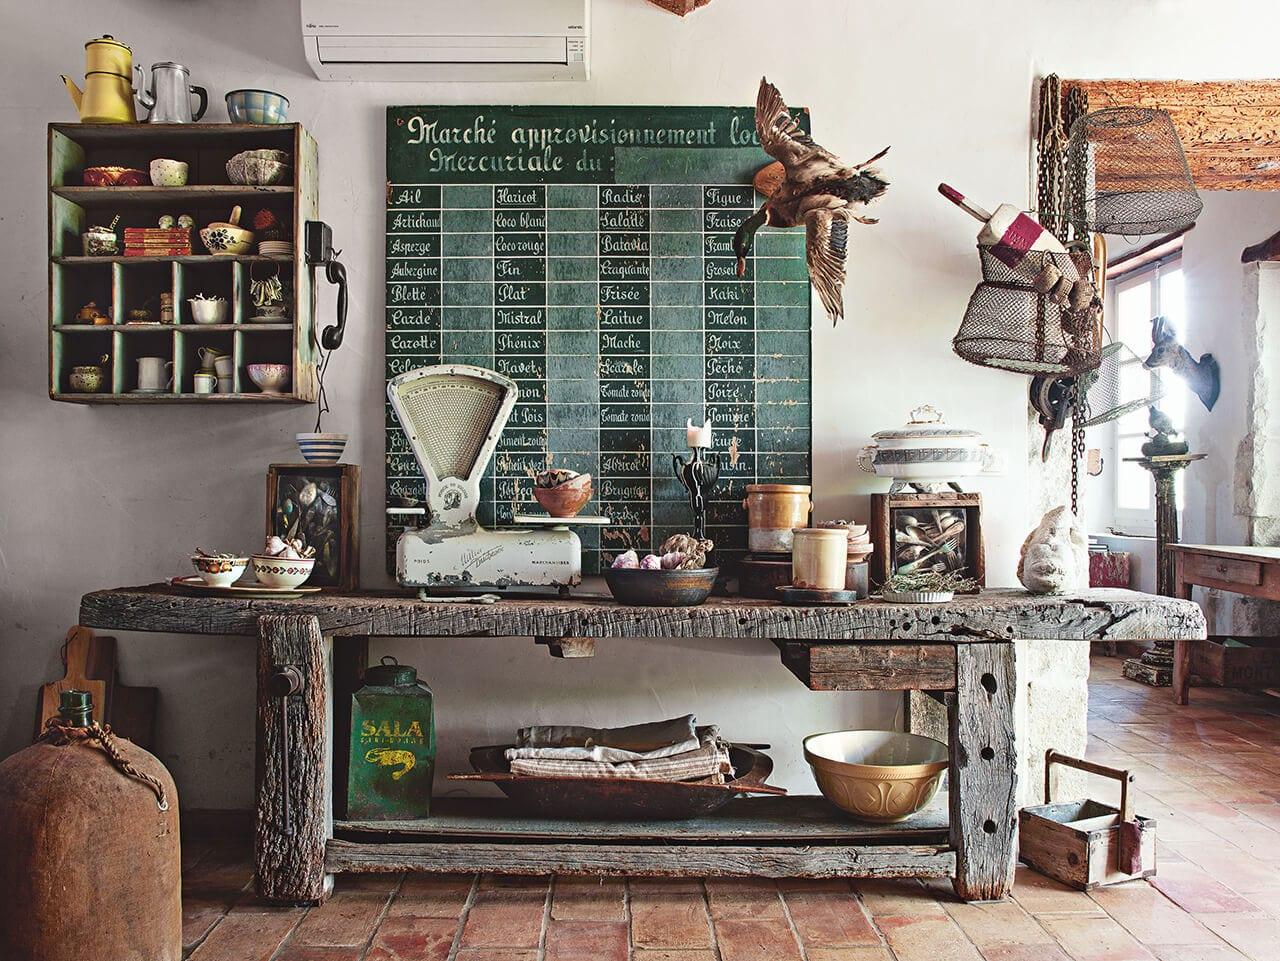 Fotografie aus dem Interior Design Buch namens Zuhause Gefunden mit Funstücken Atmosphäre schaffen aus dem Sieveking Verlag